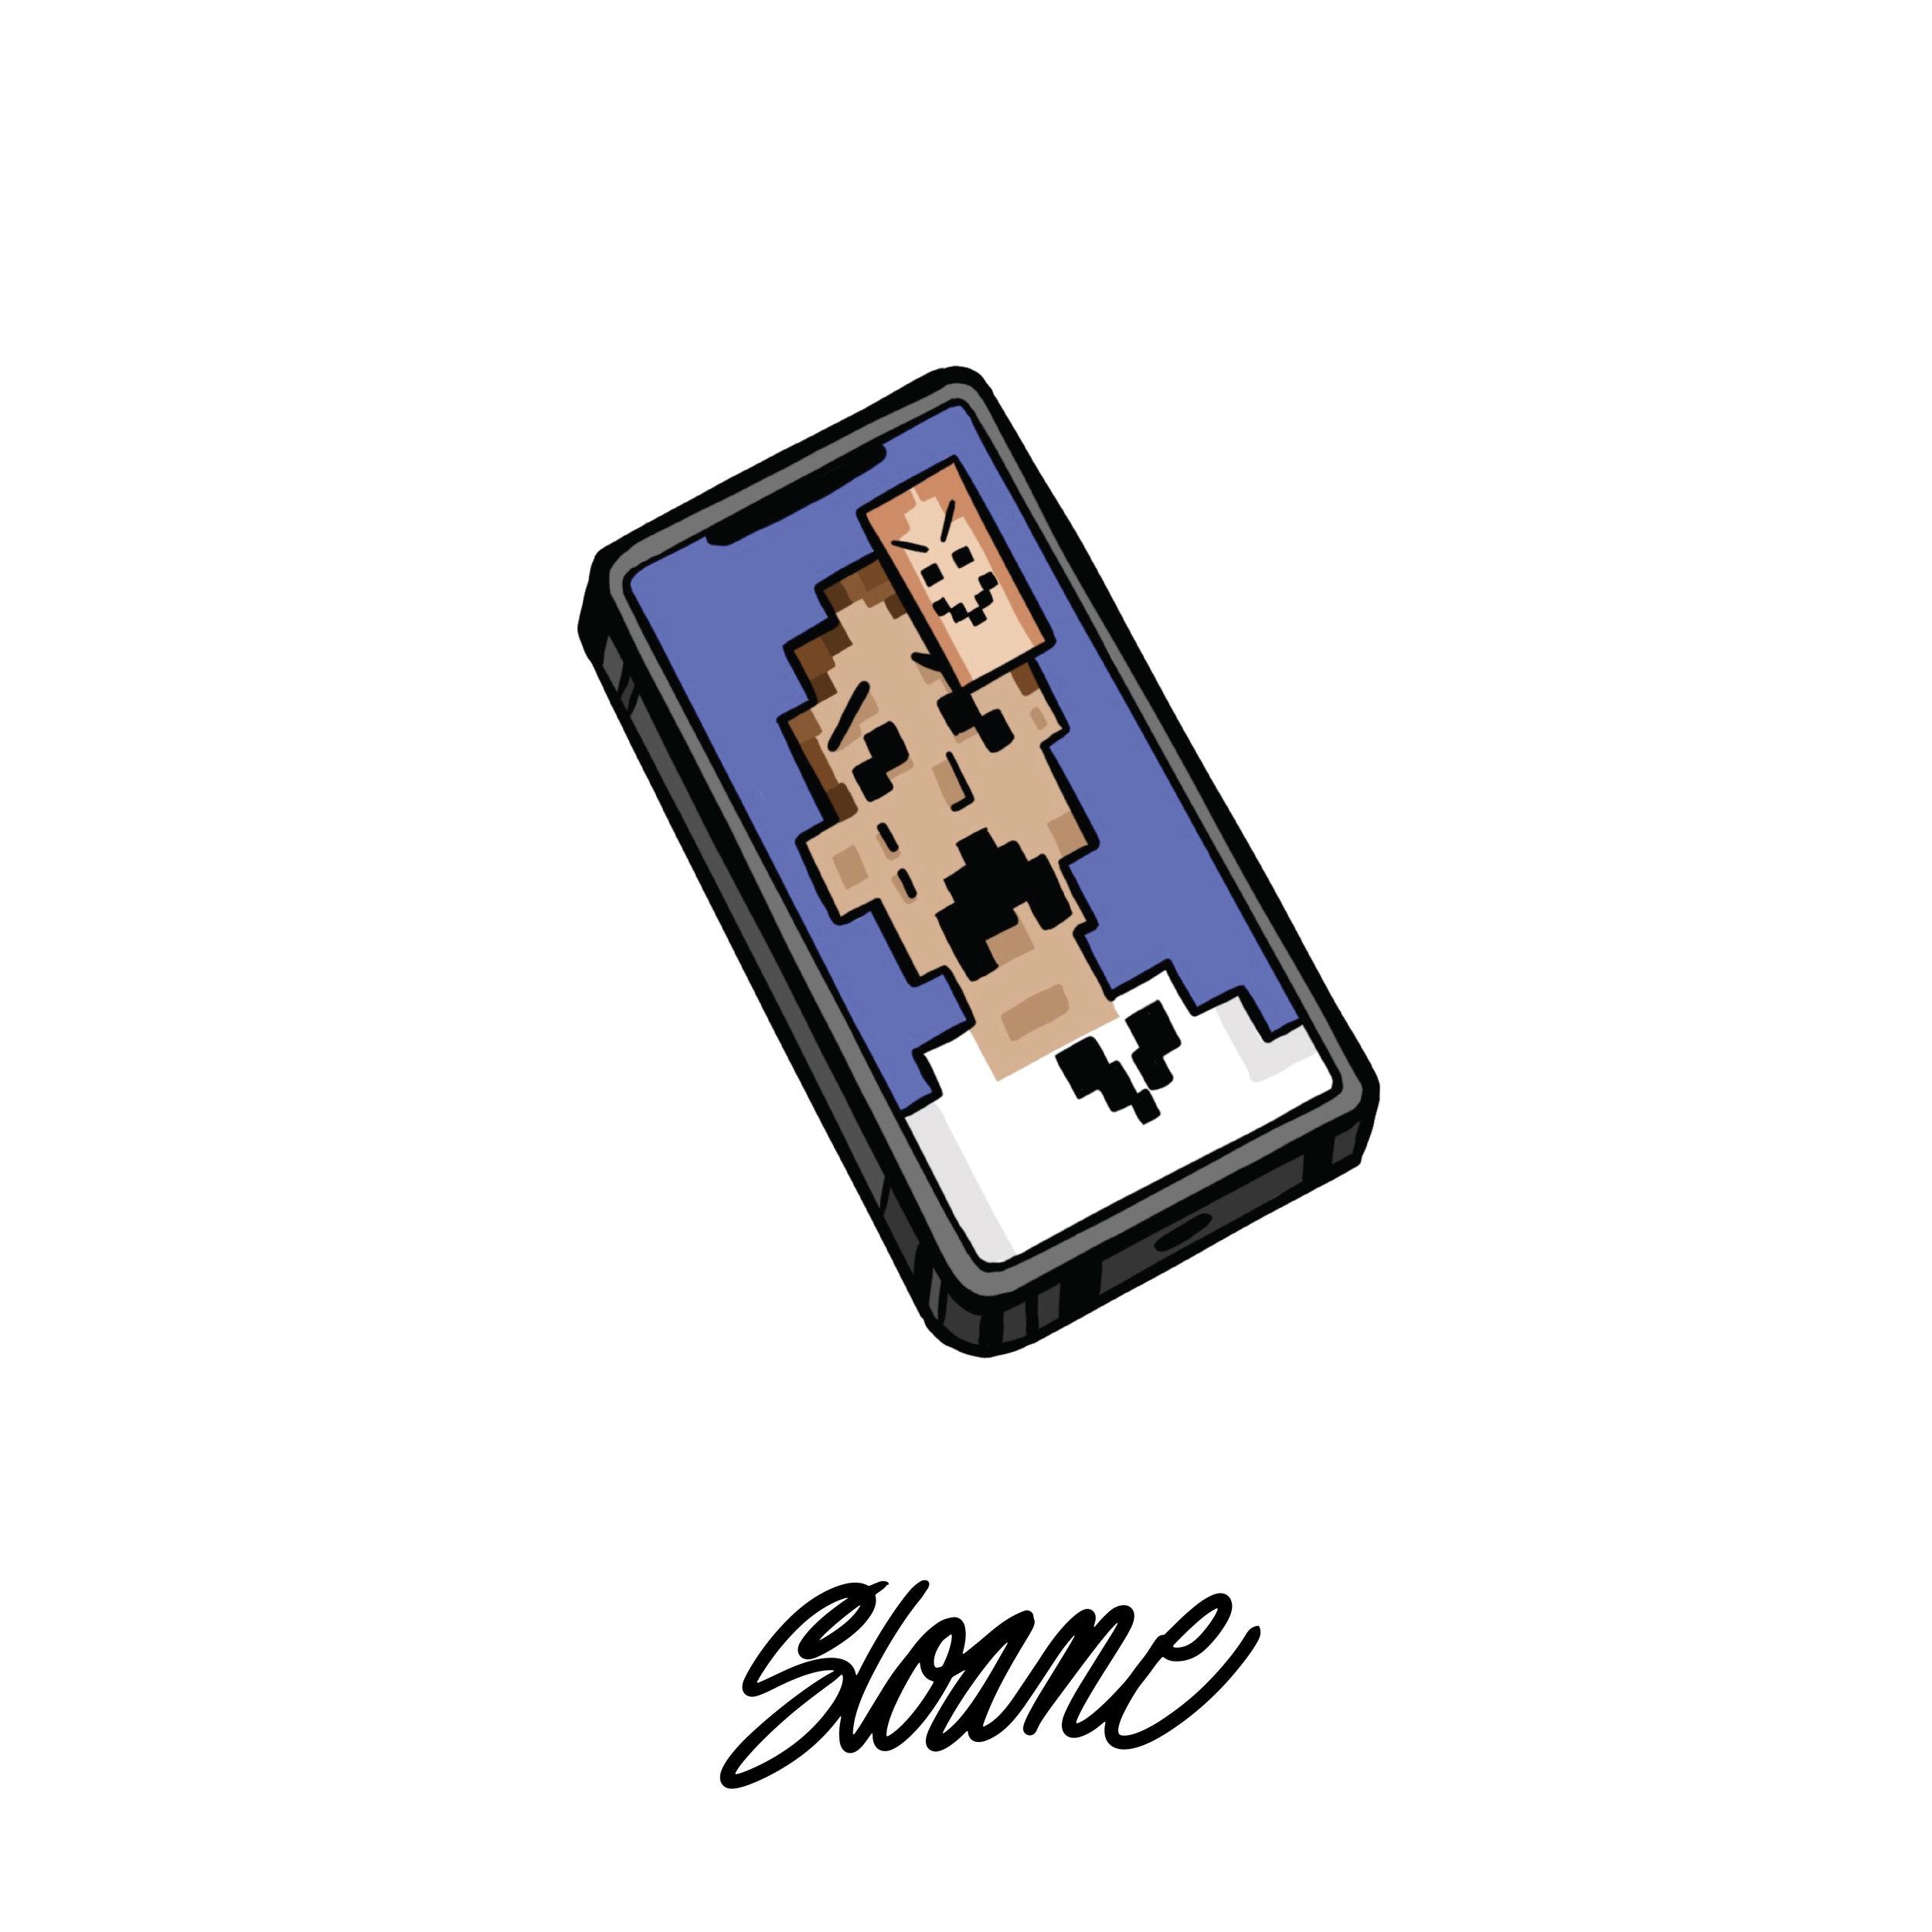 Sloane_Singles-07 (1).jpg